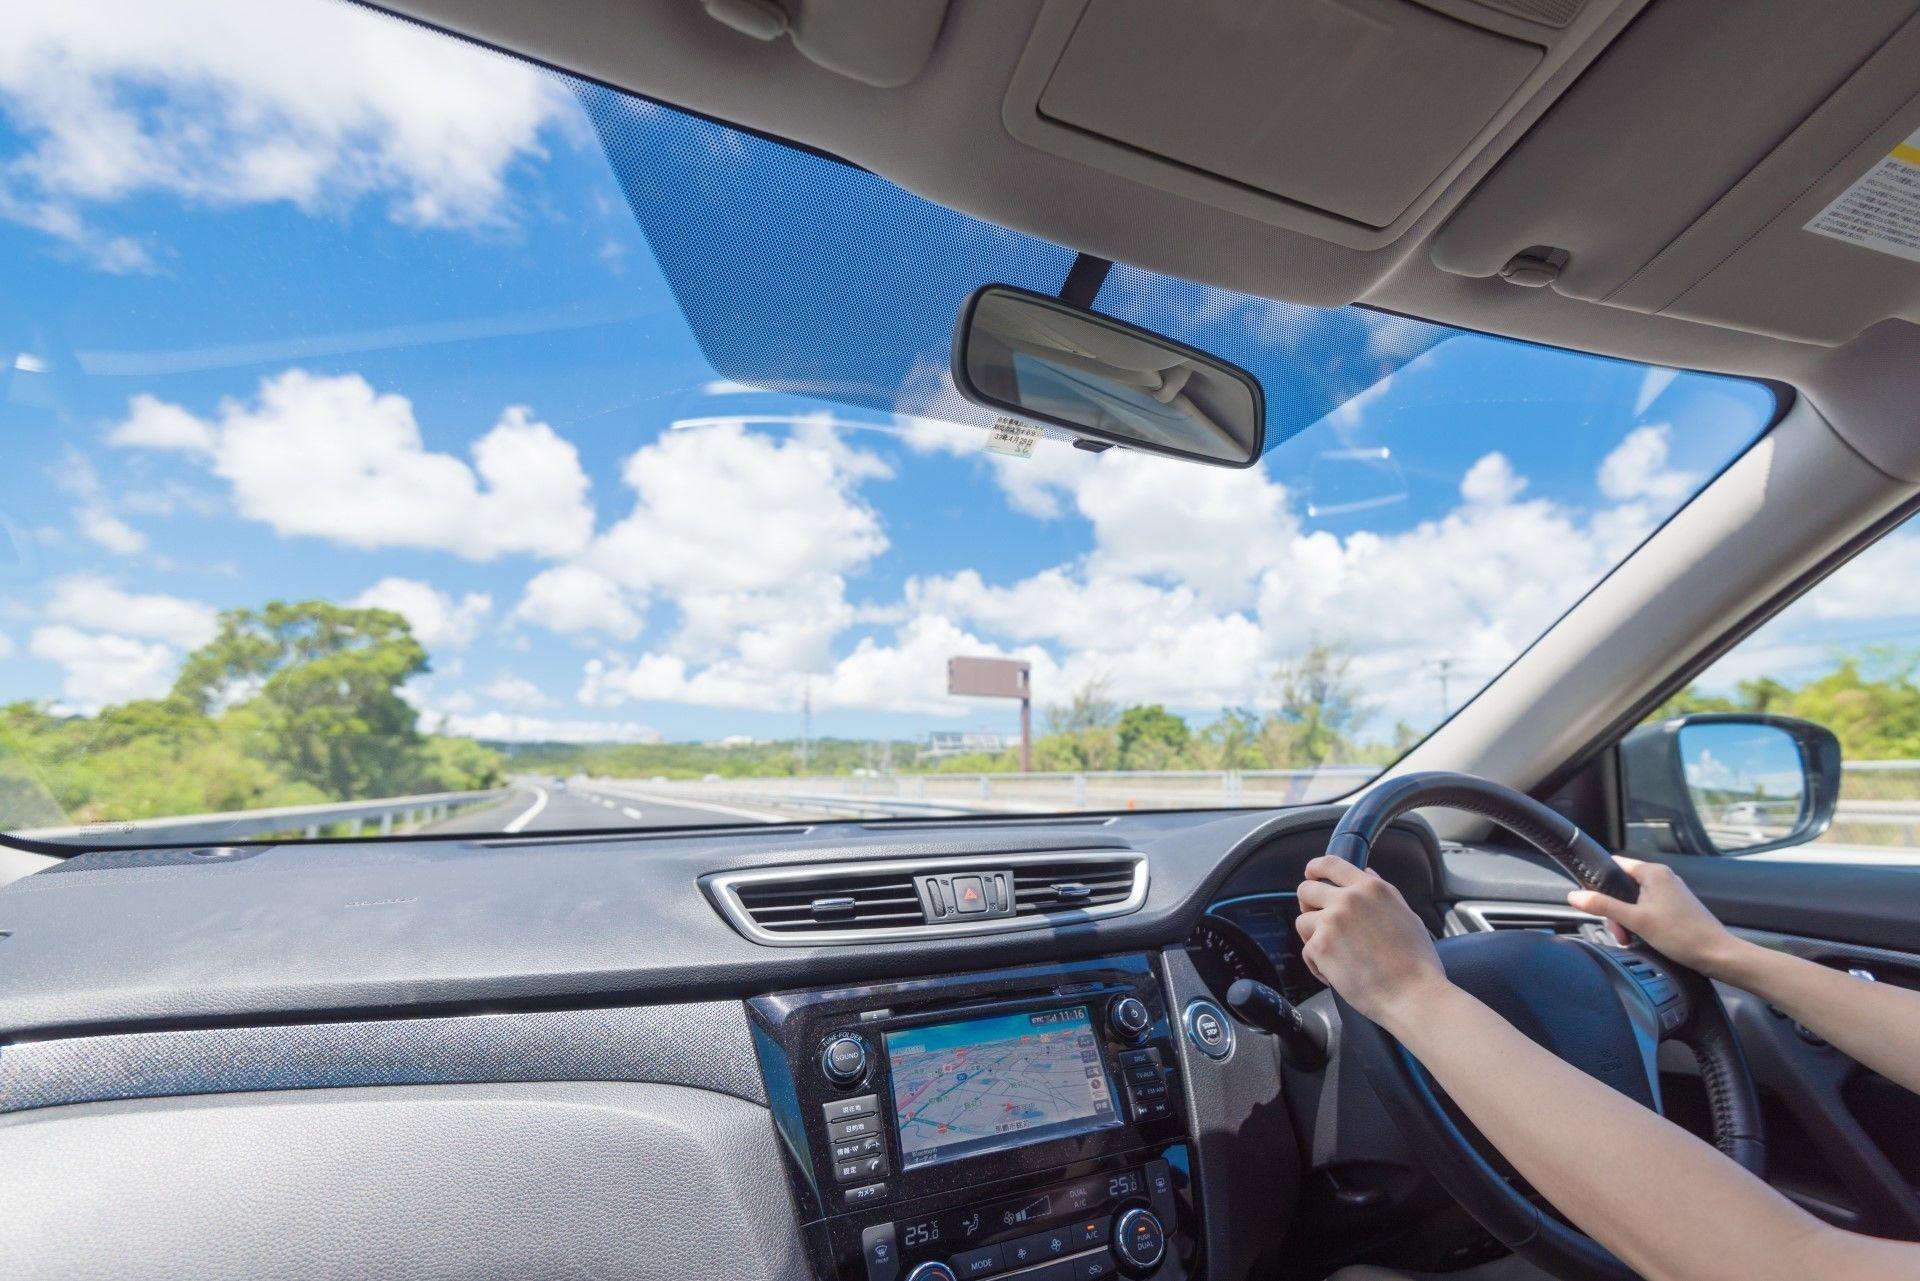 すでに53車種が達成している2030年燃費規制が「楽勝」でない理由